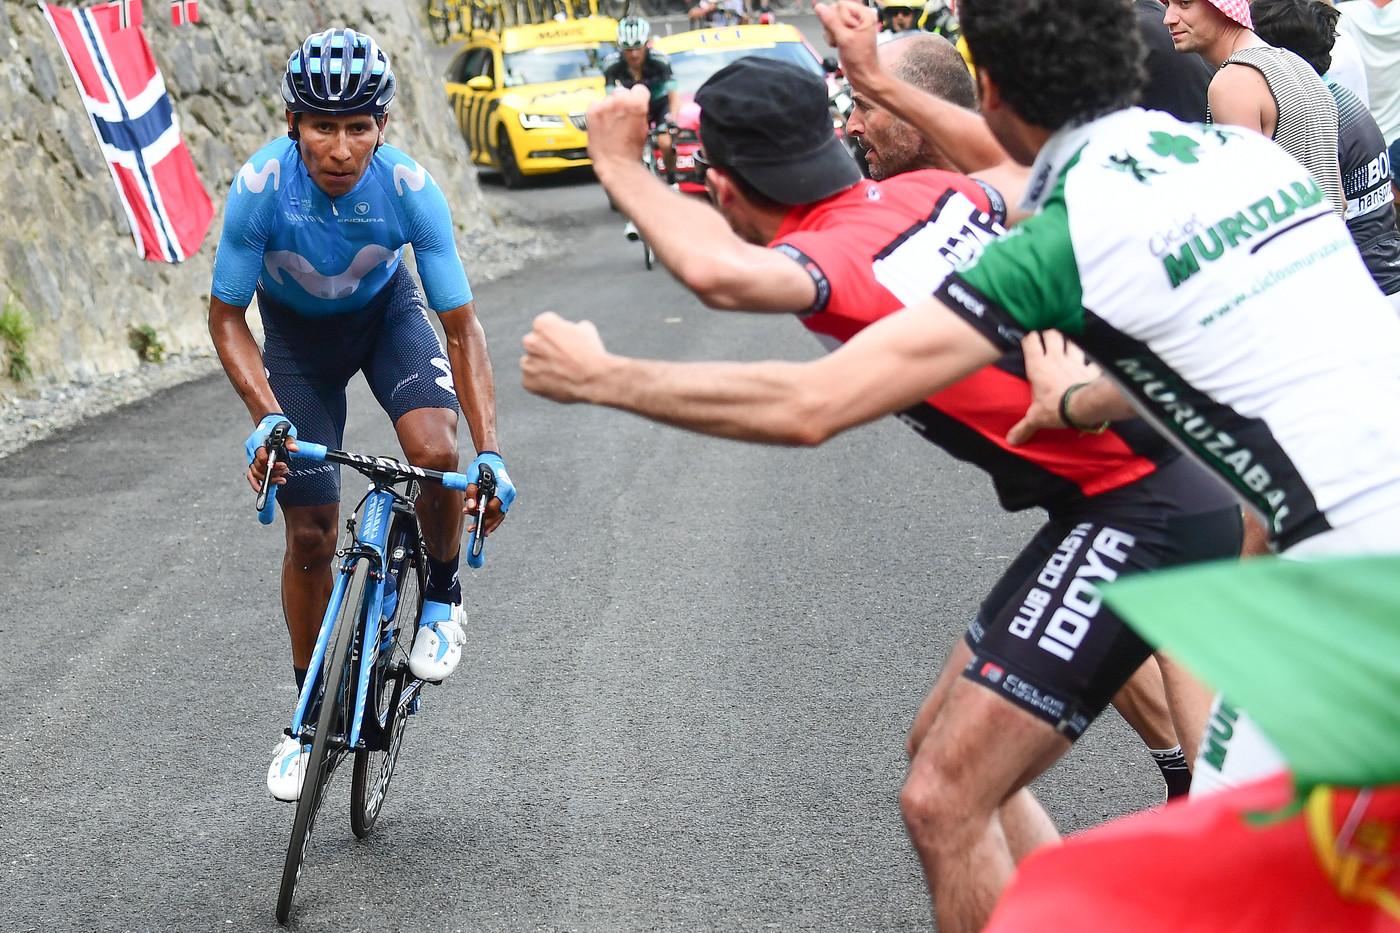 2018 Tour de France Nairo Quintana en route ot stabe win